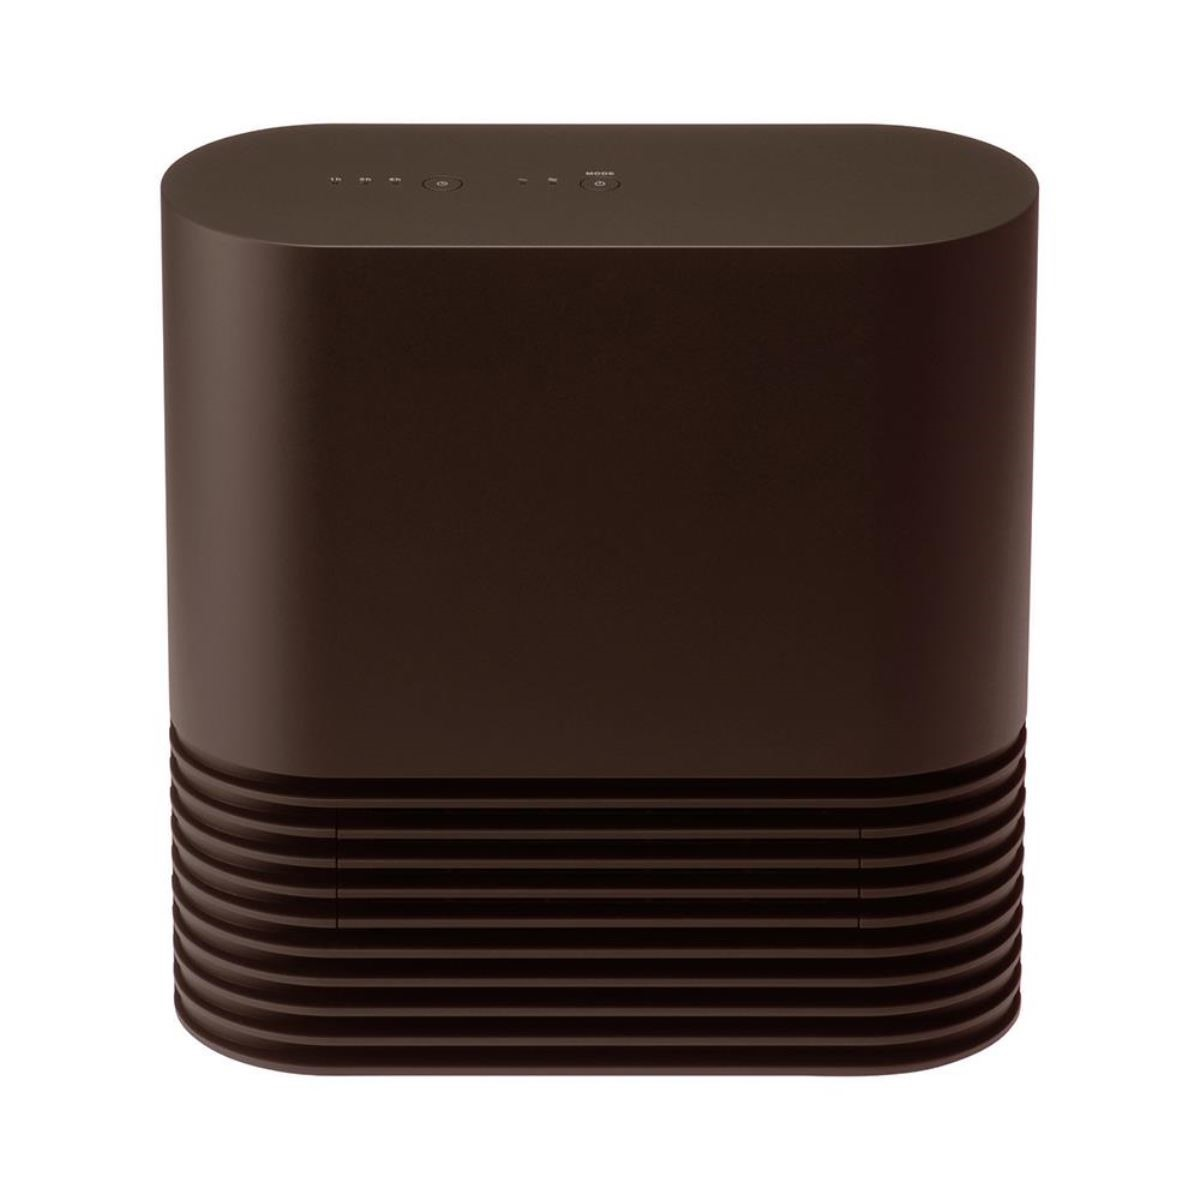 正負零設計電暖器 ( 咖啡 )_售價 $ 2,790-